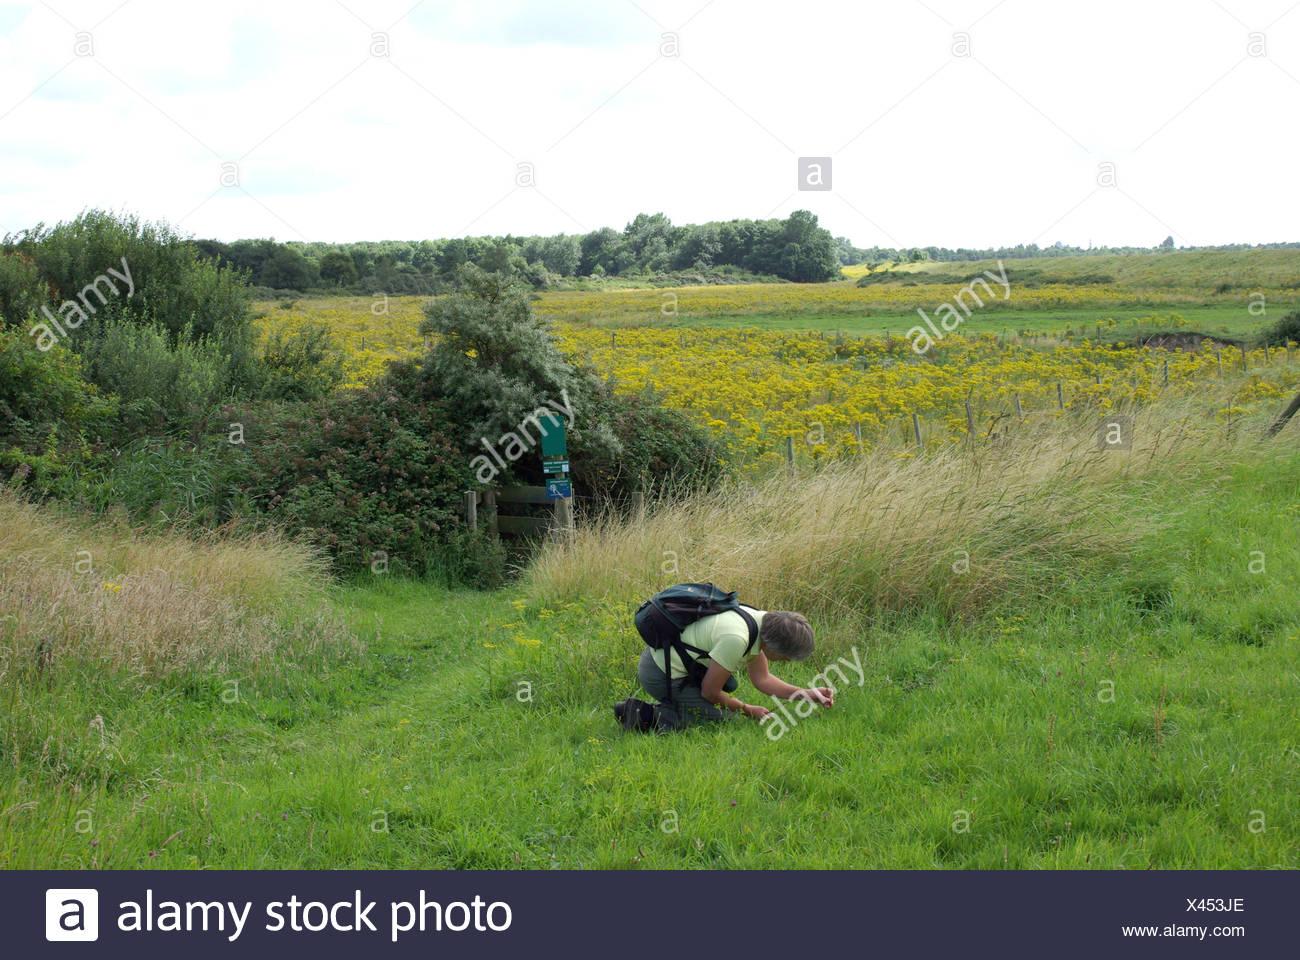 Een Plantenliefhebber ist Bezig traf Fotografie; Ein Werk-Anhänger ist mit Fotografie beschäftigt Stockbild